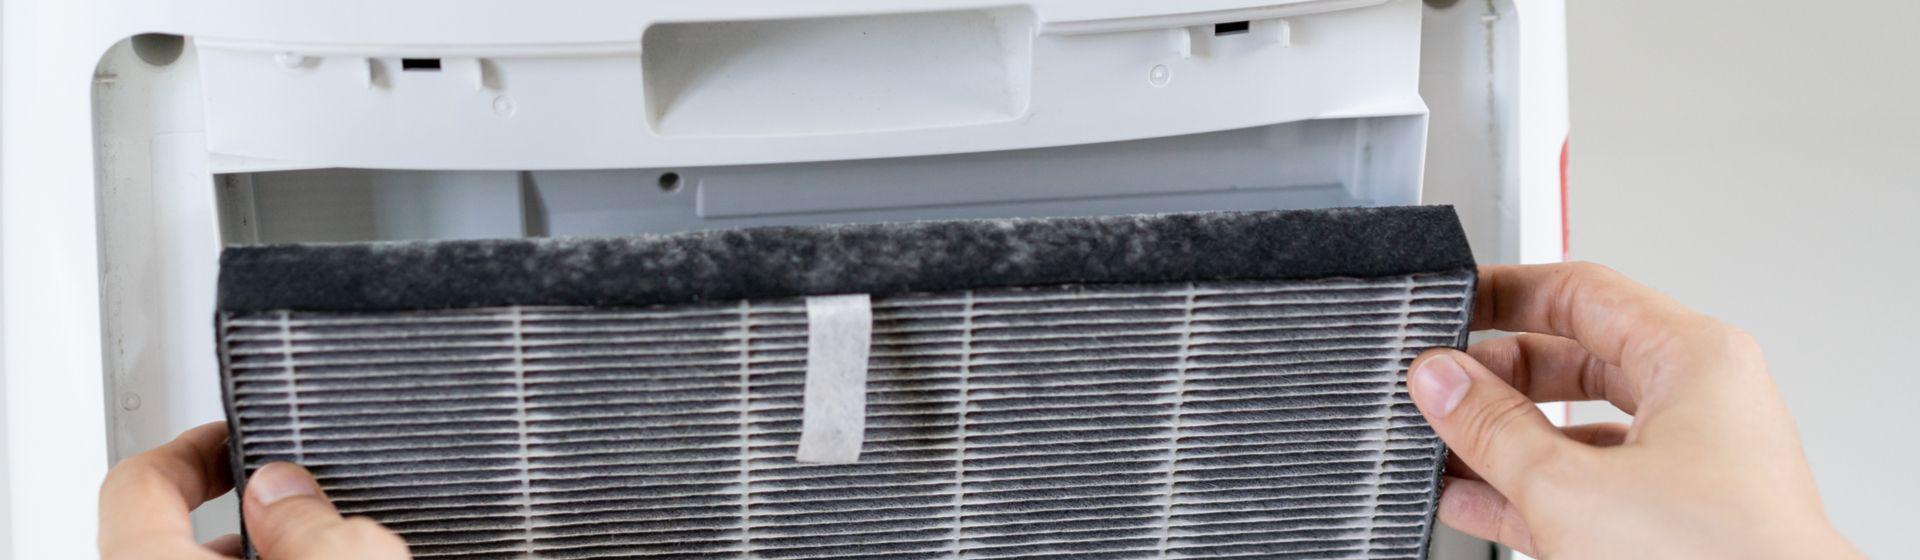 Como limpar ar condicionado portátil?